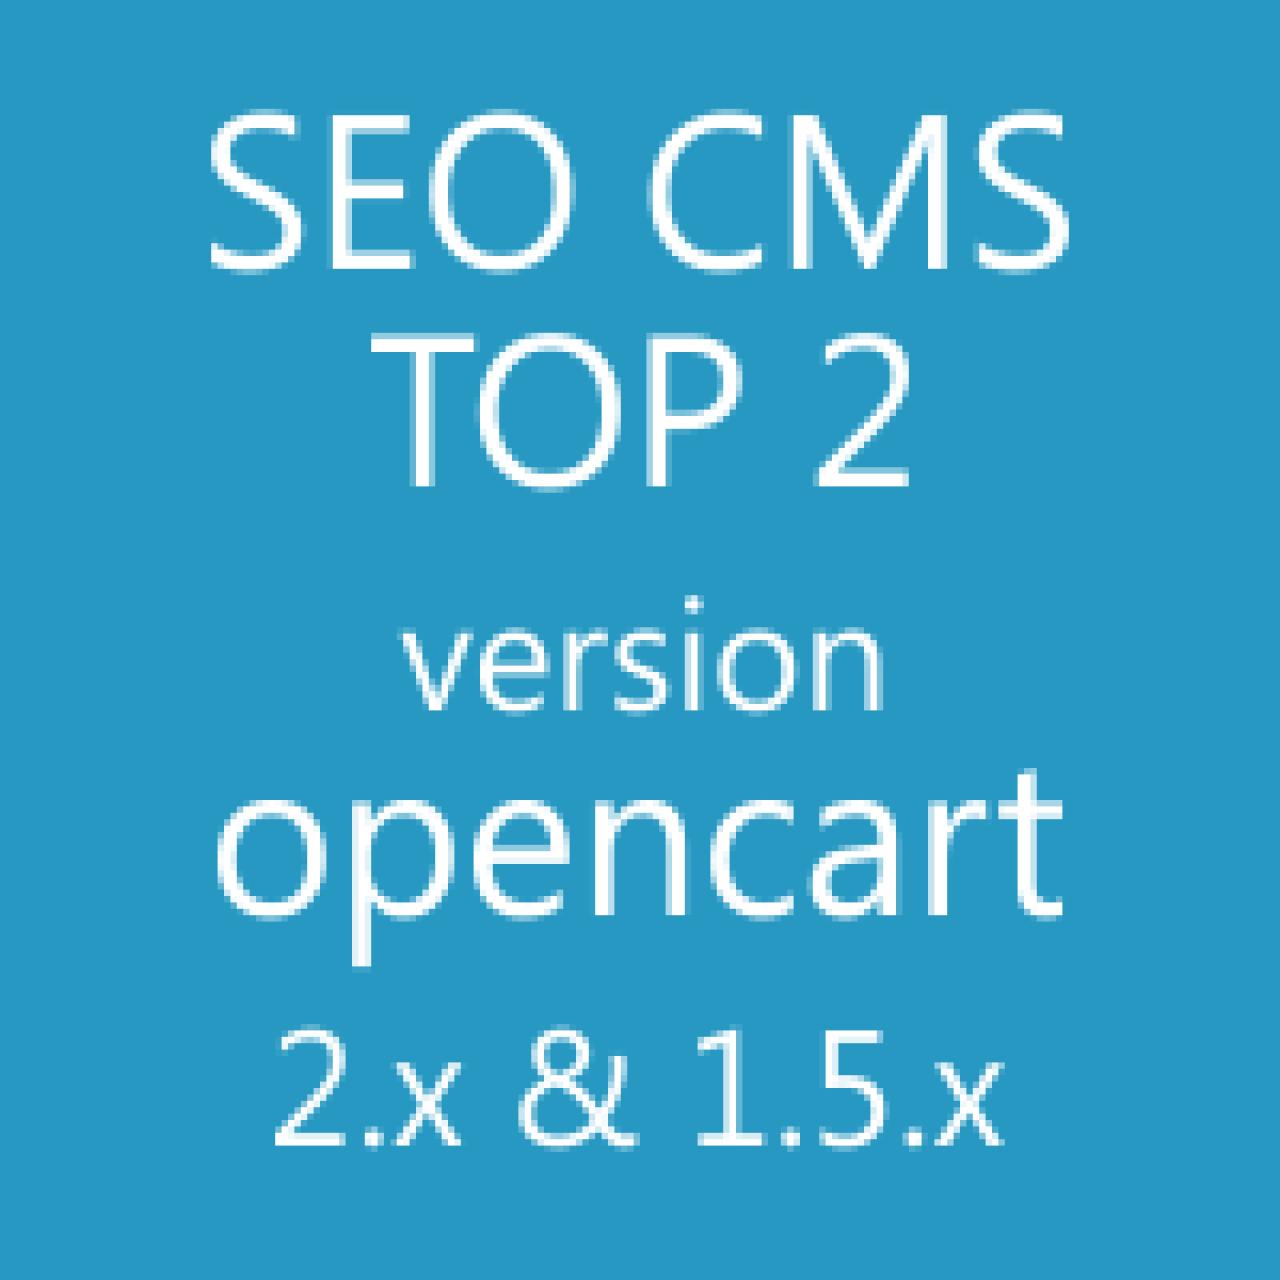 SEO CMS TOP 2 - Блог   Новости   Отзывы   Галерея   Формы из категории Новости, статьи, блоги для CMS OpenCart (ОпенКарт)